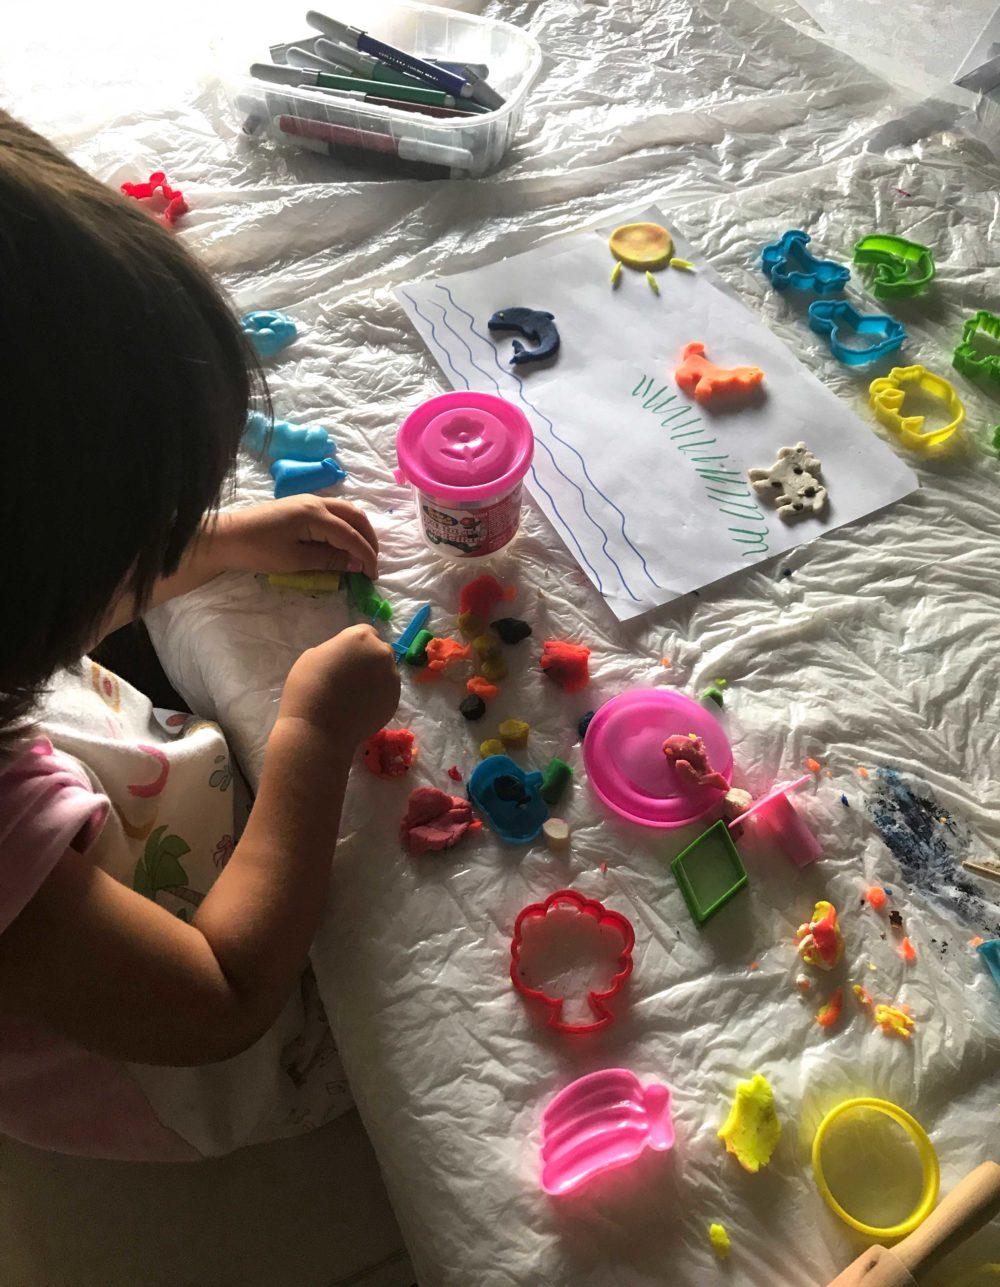 Attività per bambini - giocare con il didò